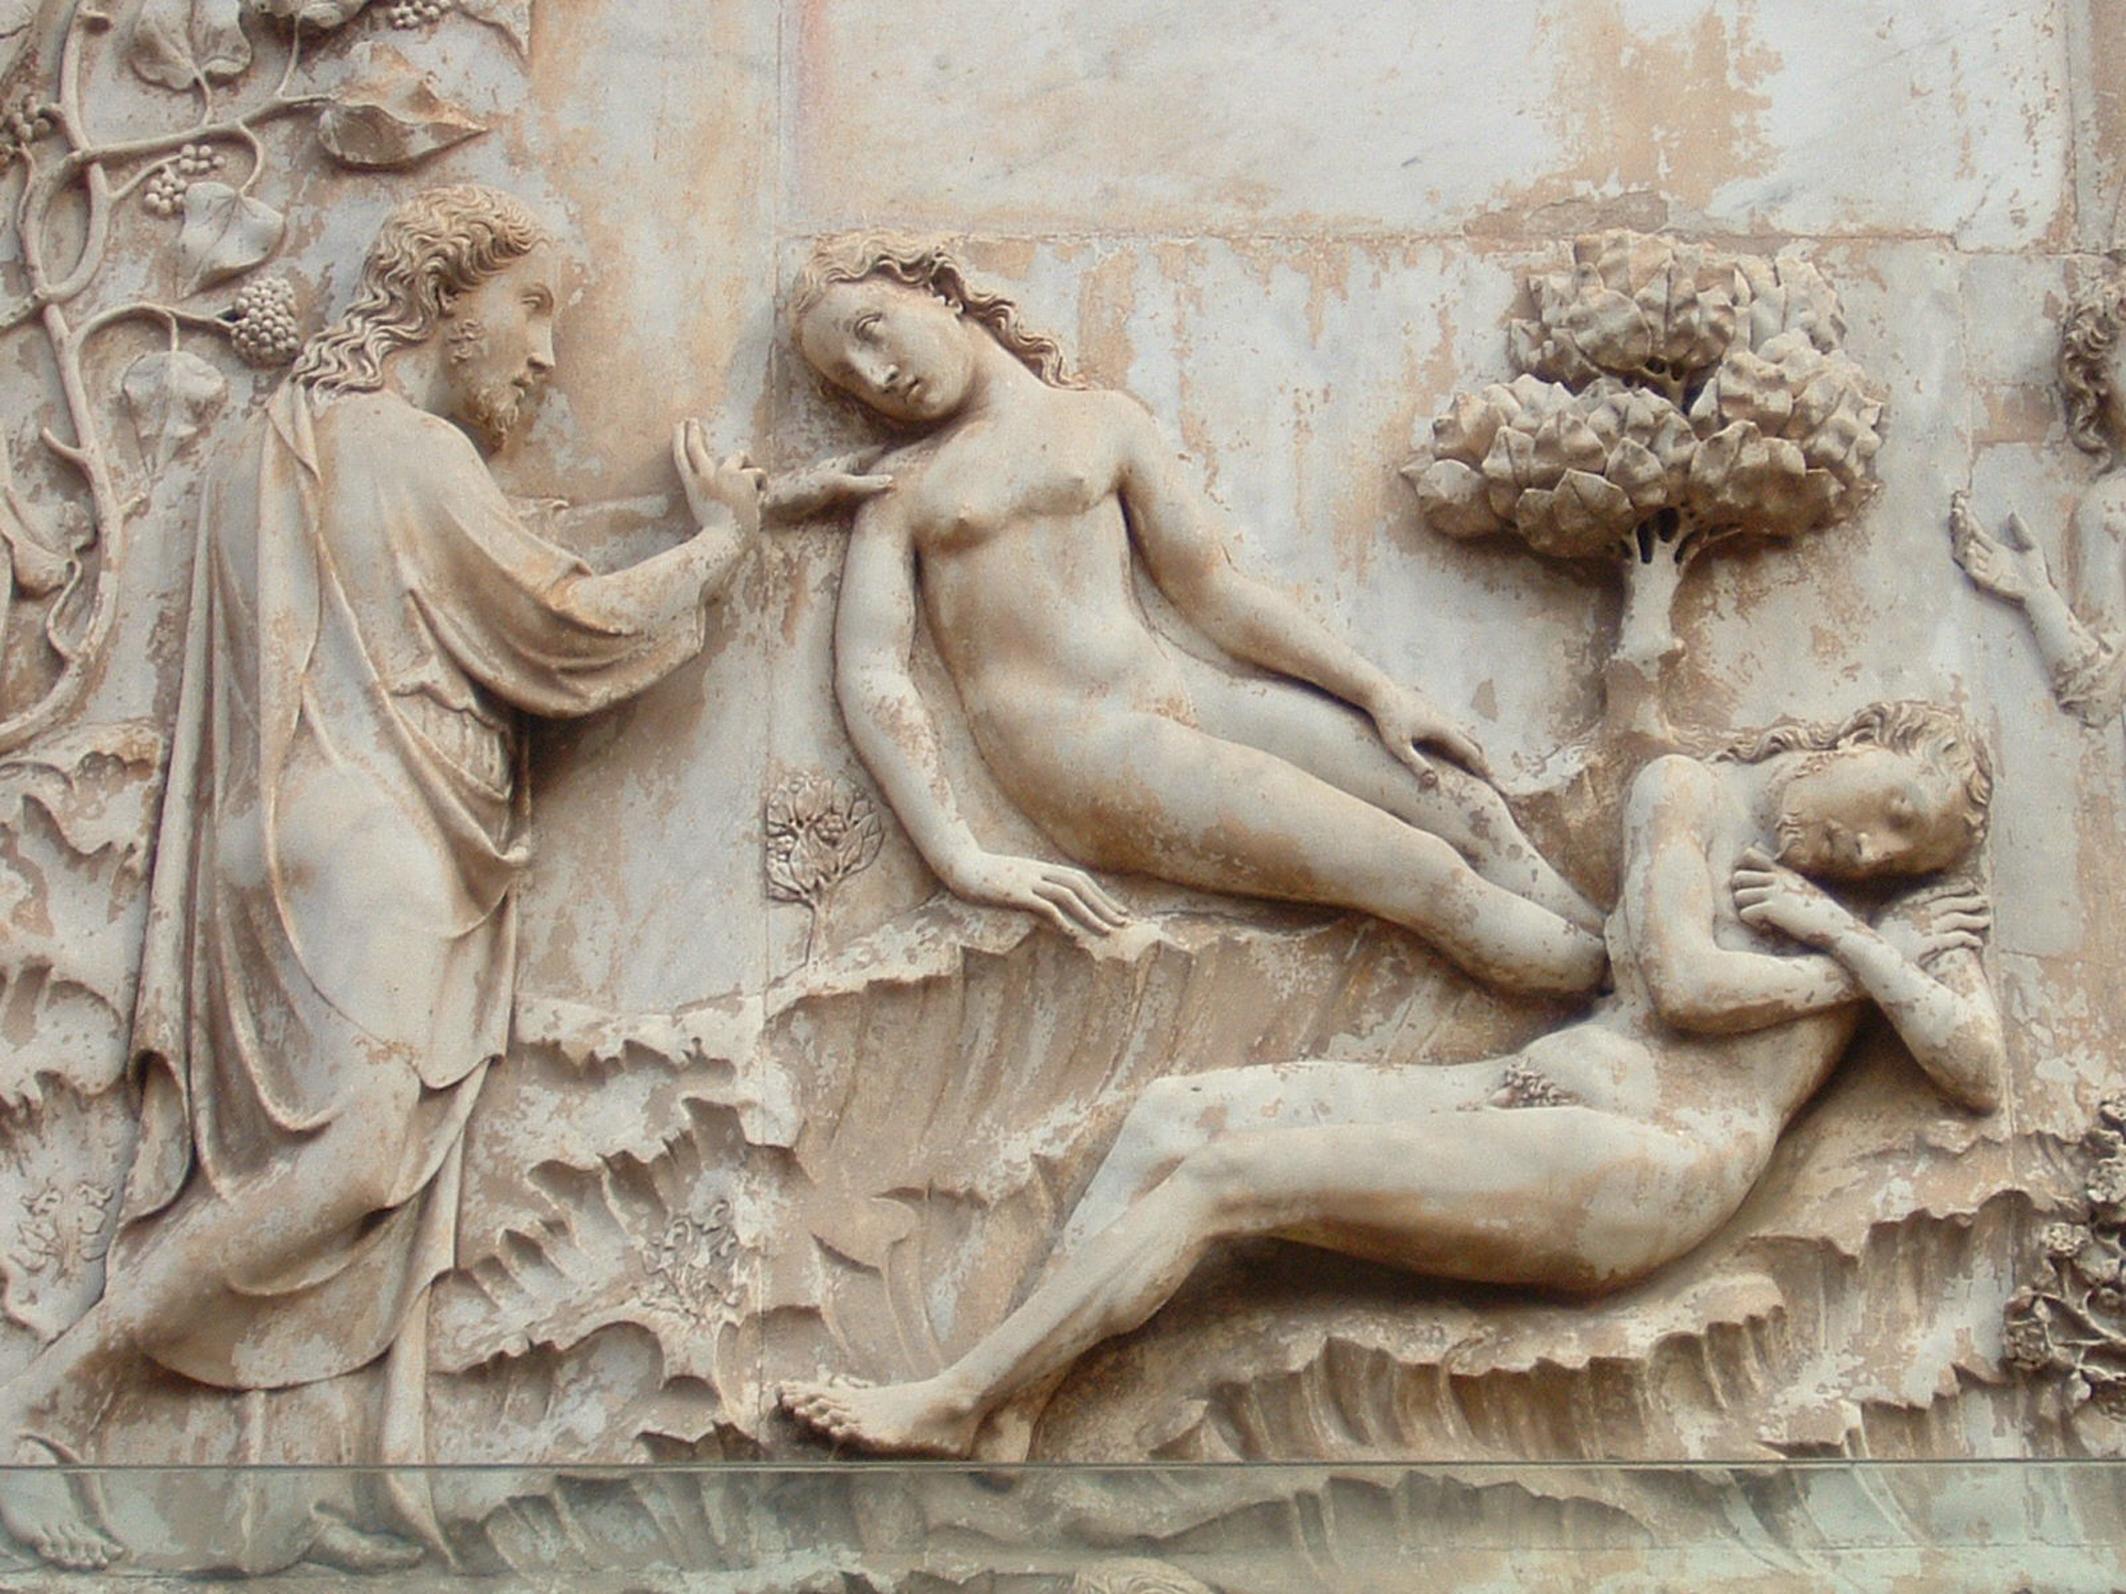 Eva viene generata dalla costola di Adamo (Lorenzo Maitani e bottega, dettaglio della facciata del Duomo di Orvieto).